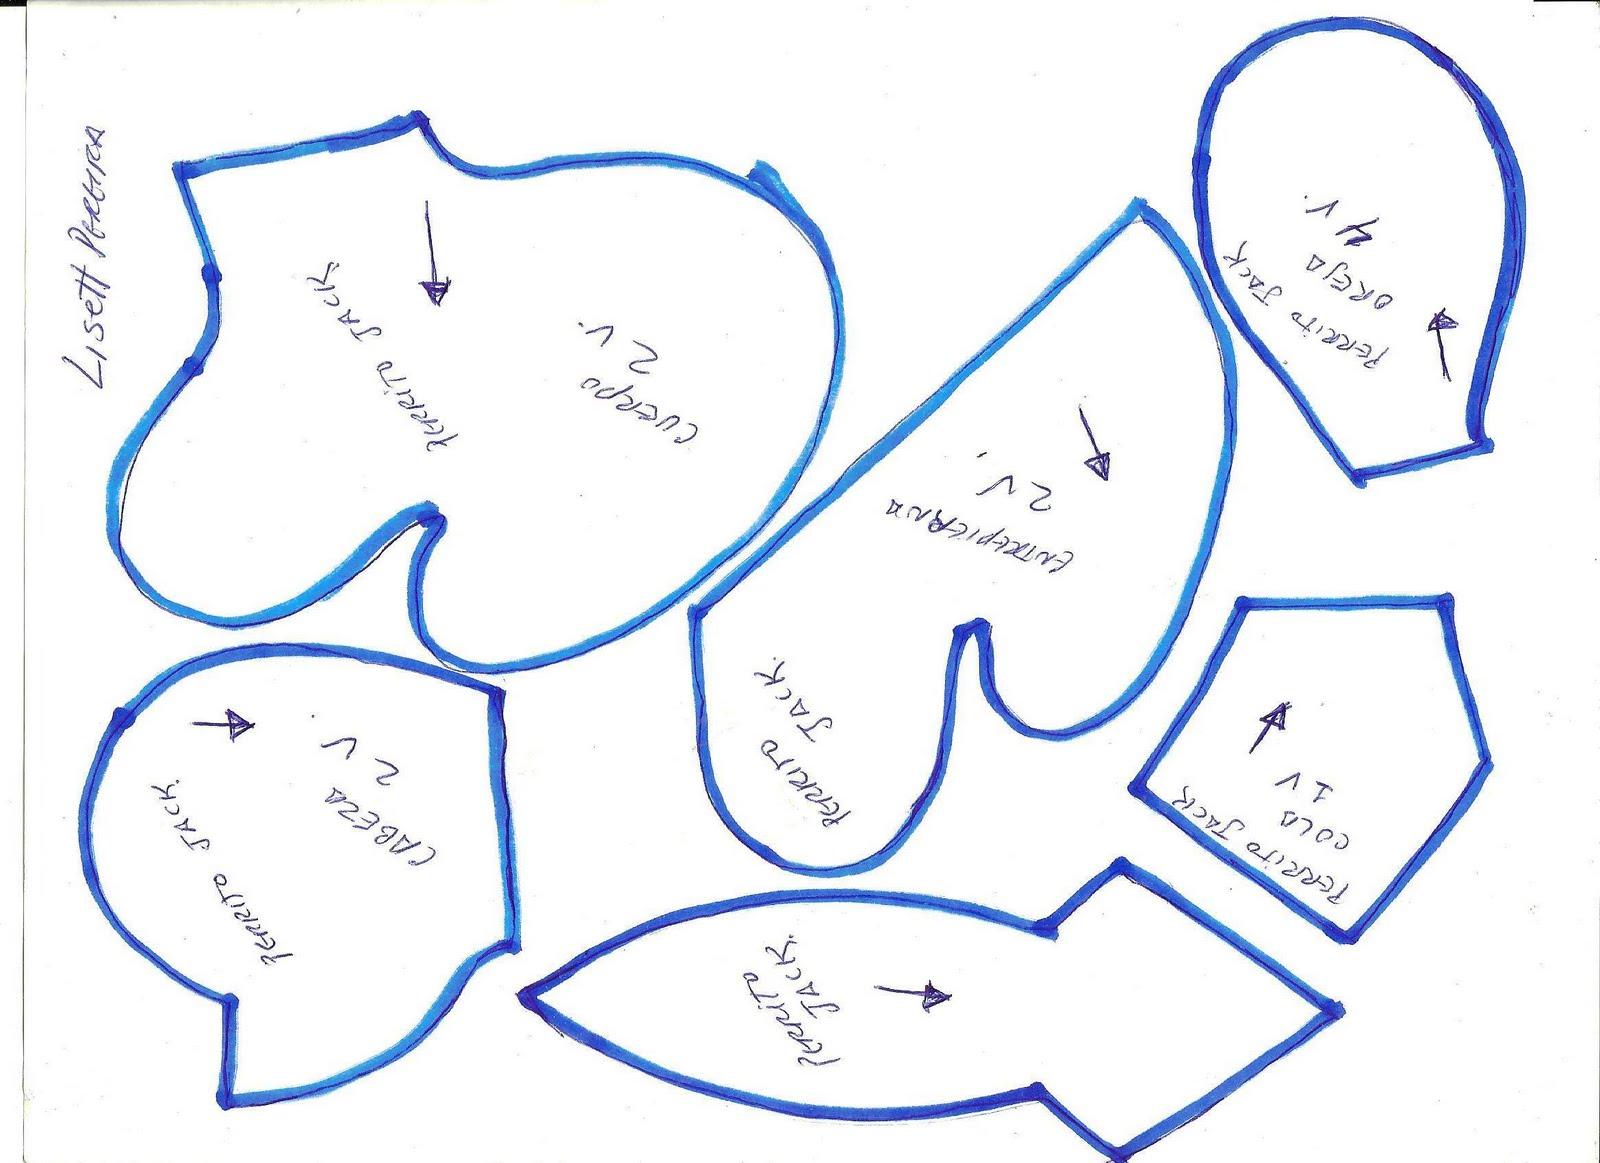 Etiquetas: Talller de elaboracion de peluches